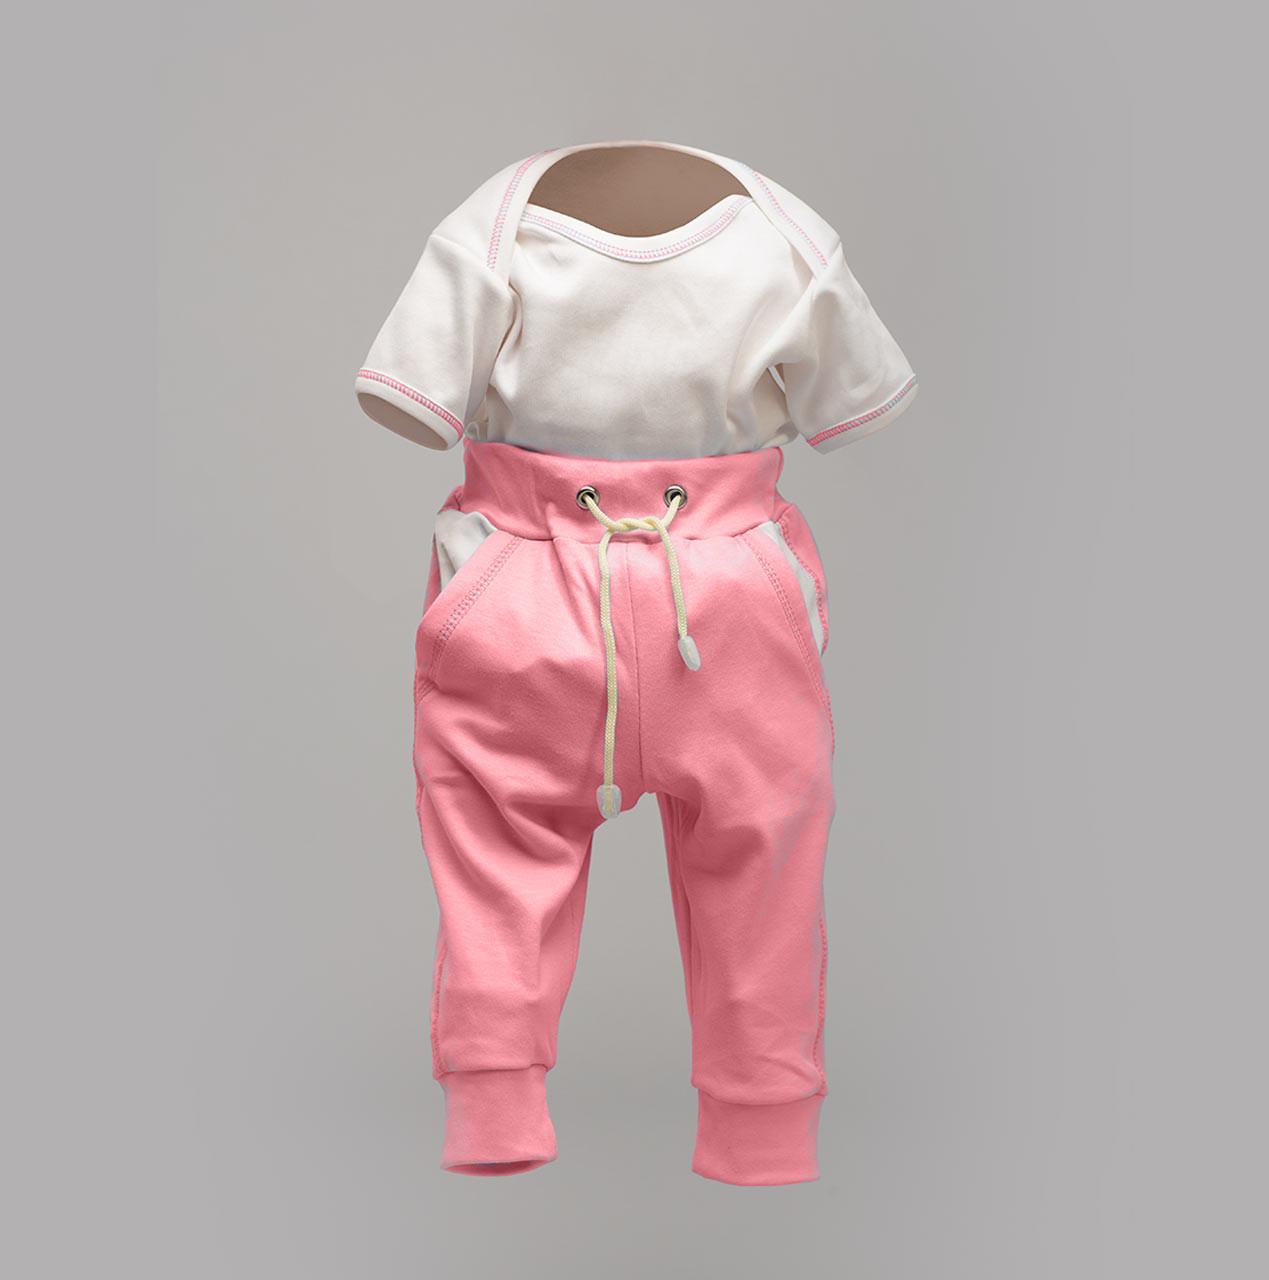 Комплект ясельный, боди-лодочка и штаны на еврорезинке, розовые Интерлок  |  Набір для новонароджених